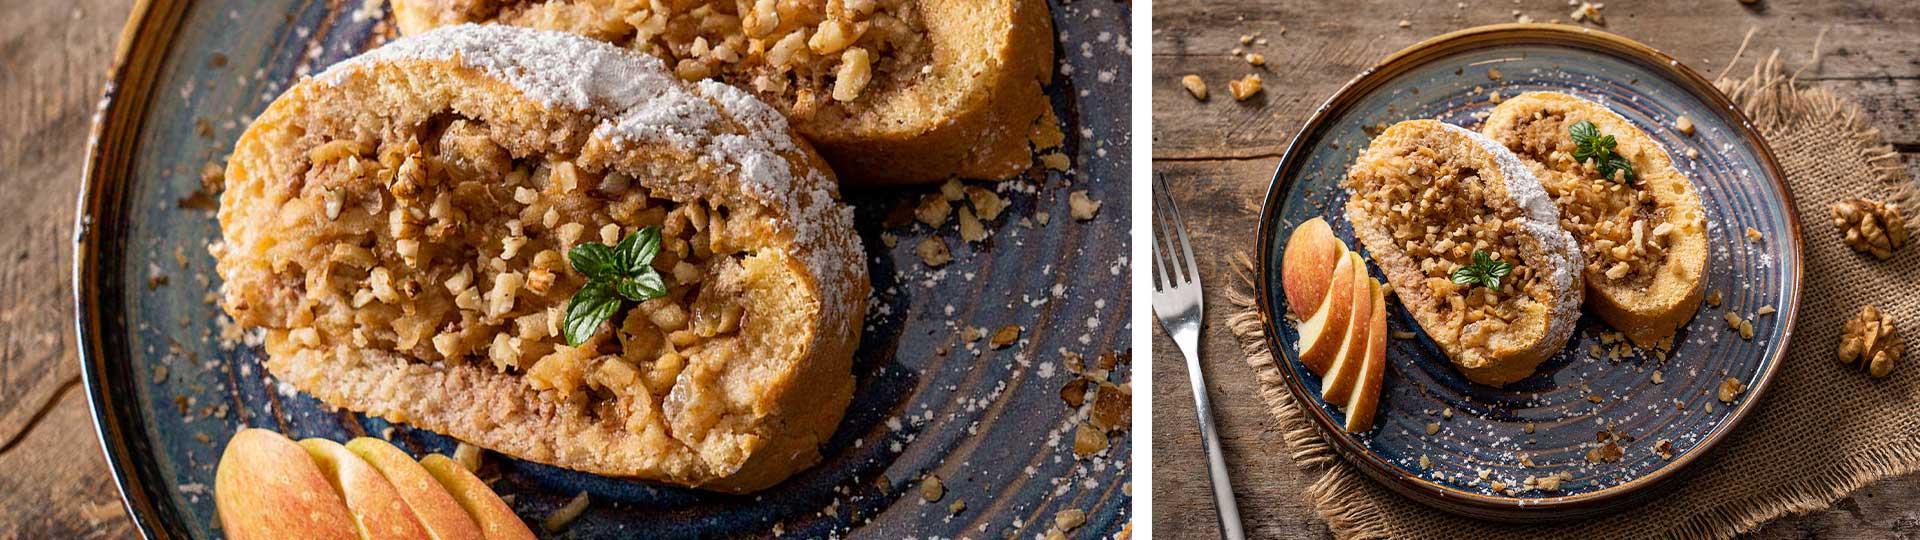 Десерти с вкус на есен: колаж от две снимки на ябълково руло със стафиди и орехи